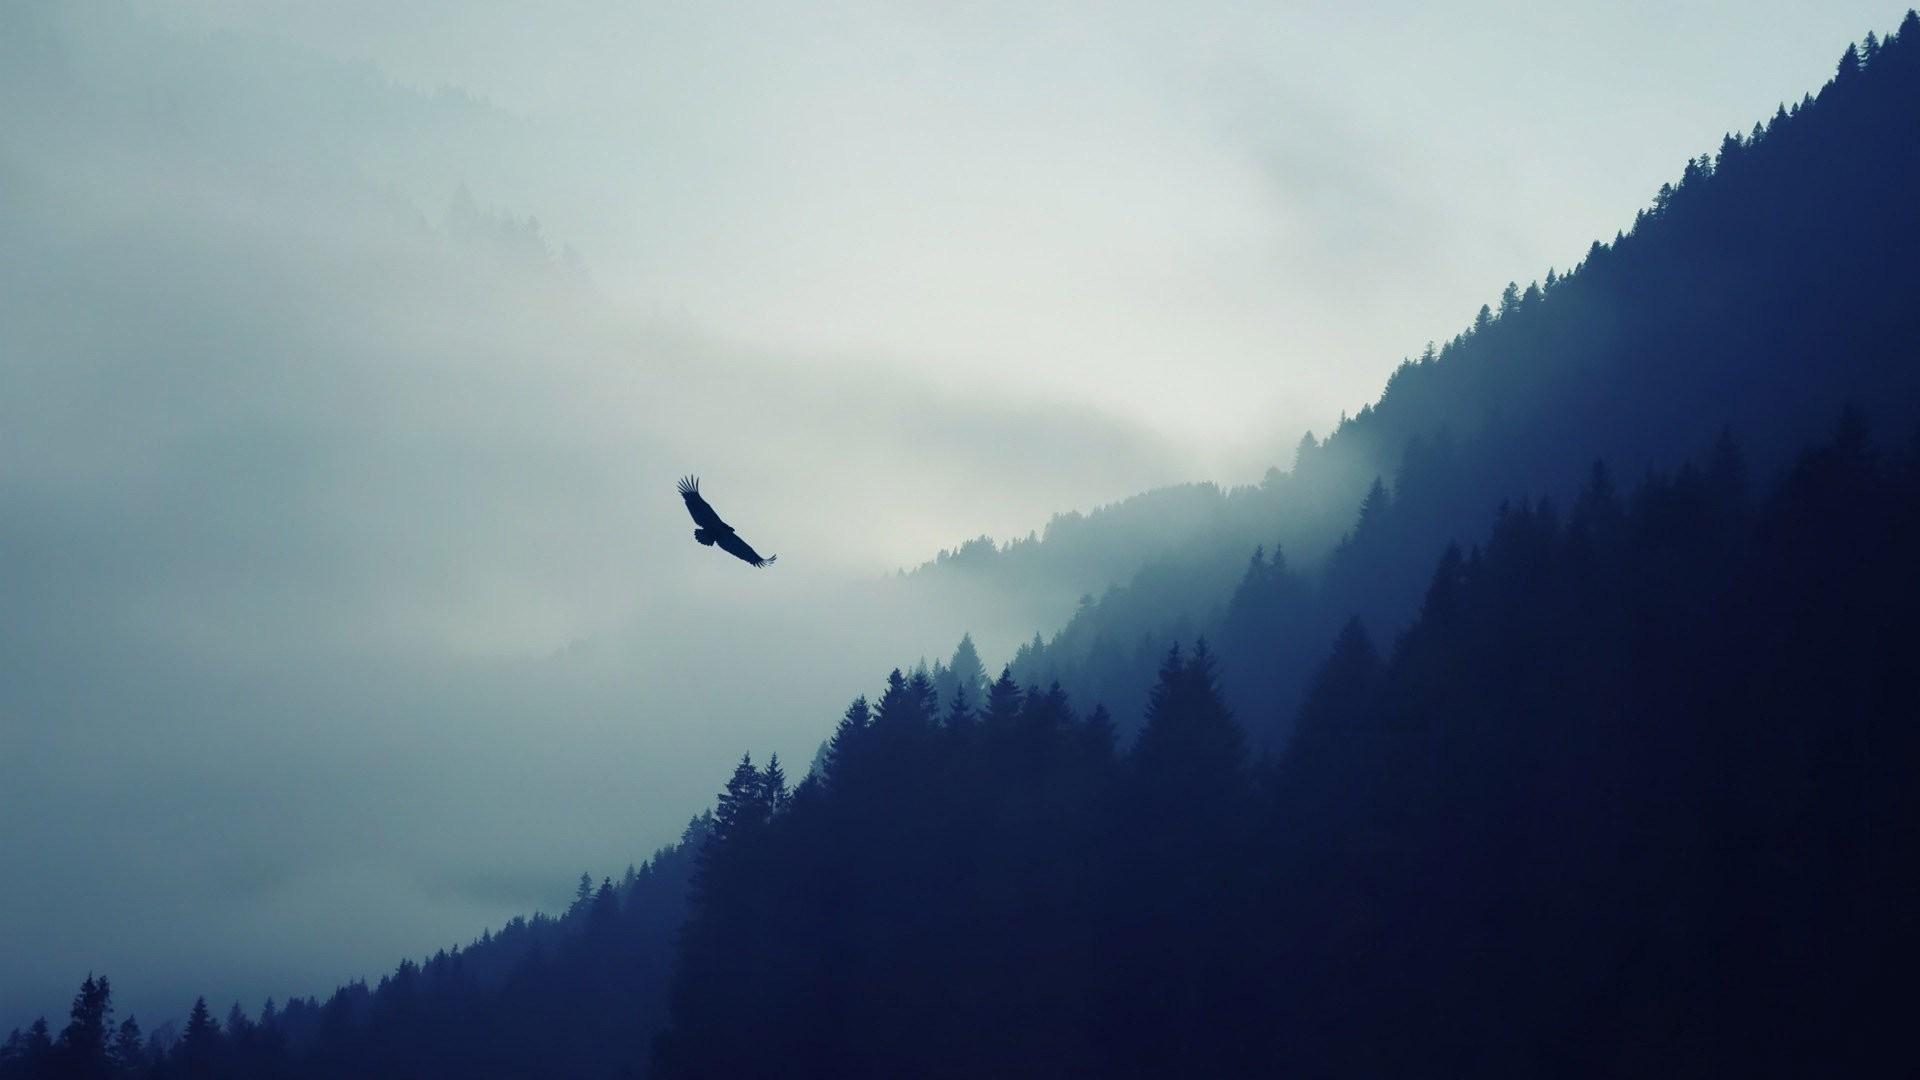 VIDEOIl segreto per metter le ali al bene e volare dove nessuno pensa sia possibile - Fondazione Angelo Affinita